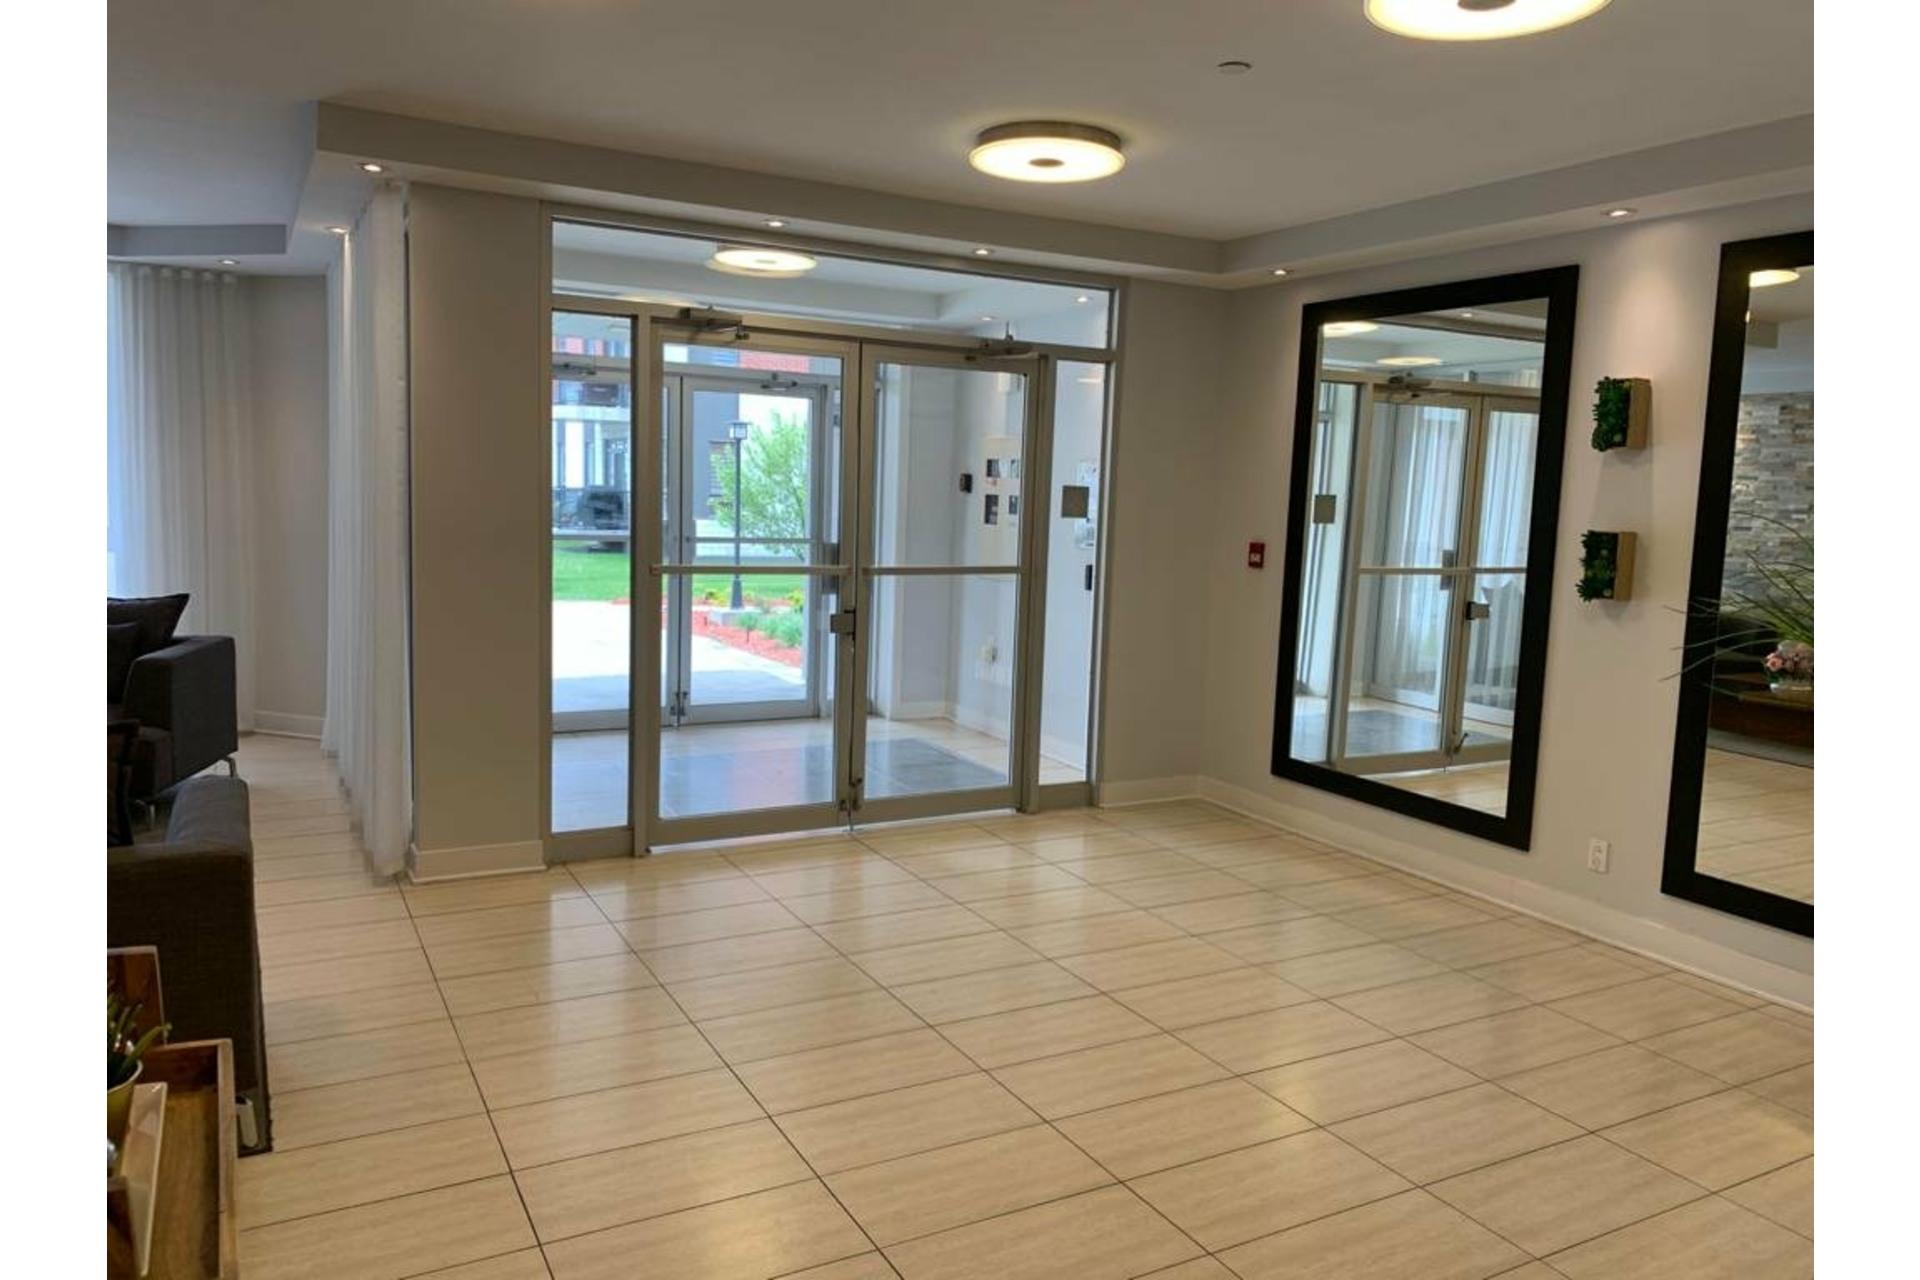 image 11 - Appartement À louer Vaudreuil-Dorion - 5 pièces